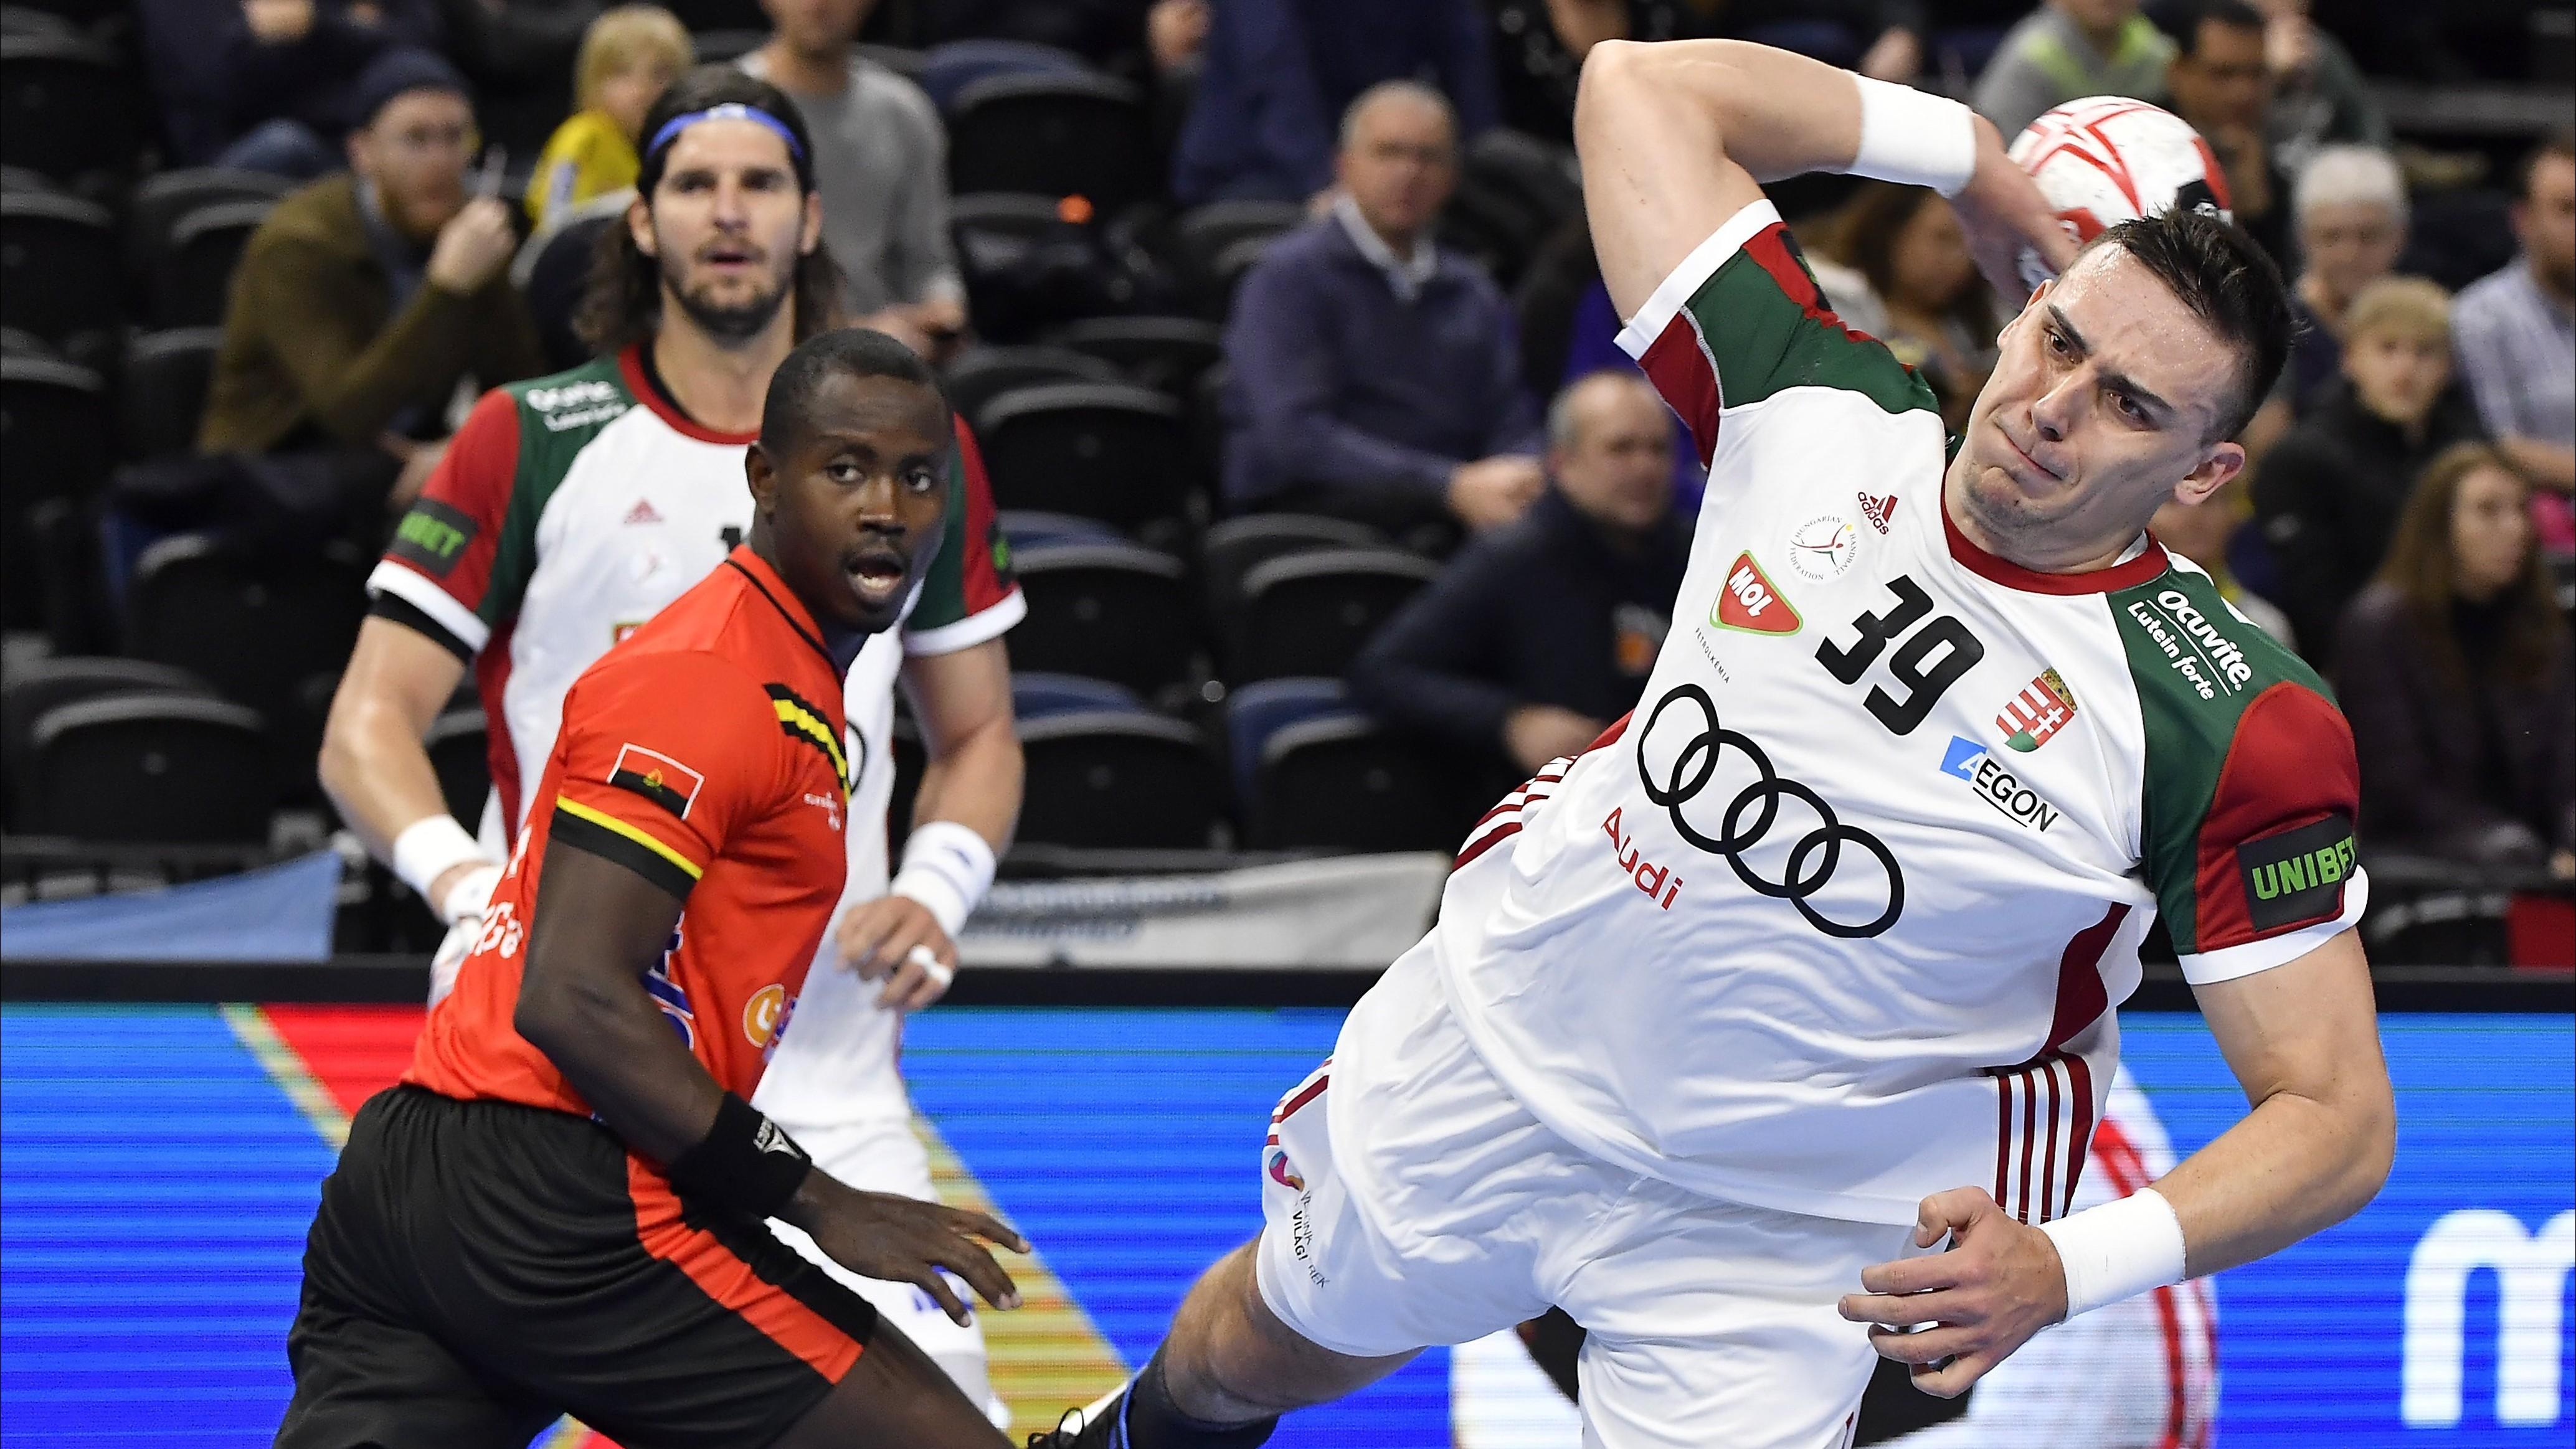 Győzelem Angola ellen a férfi kézilabda világbajnokságon